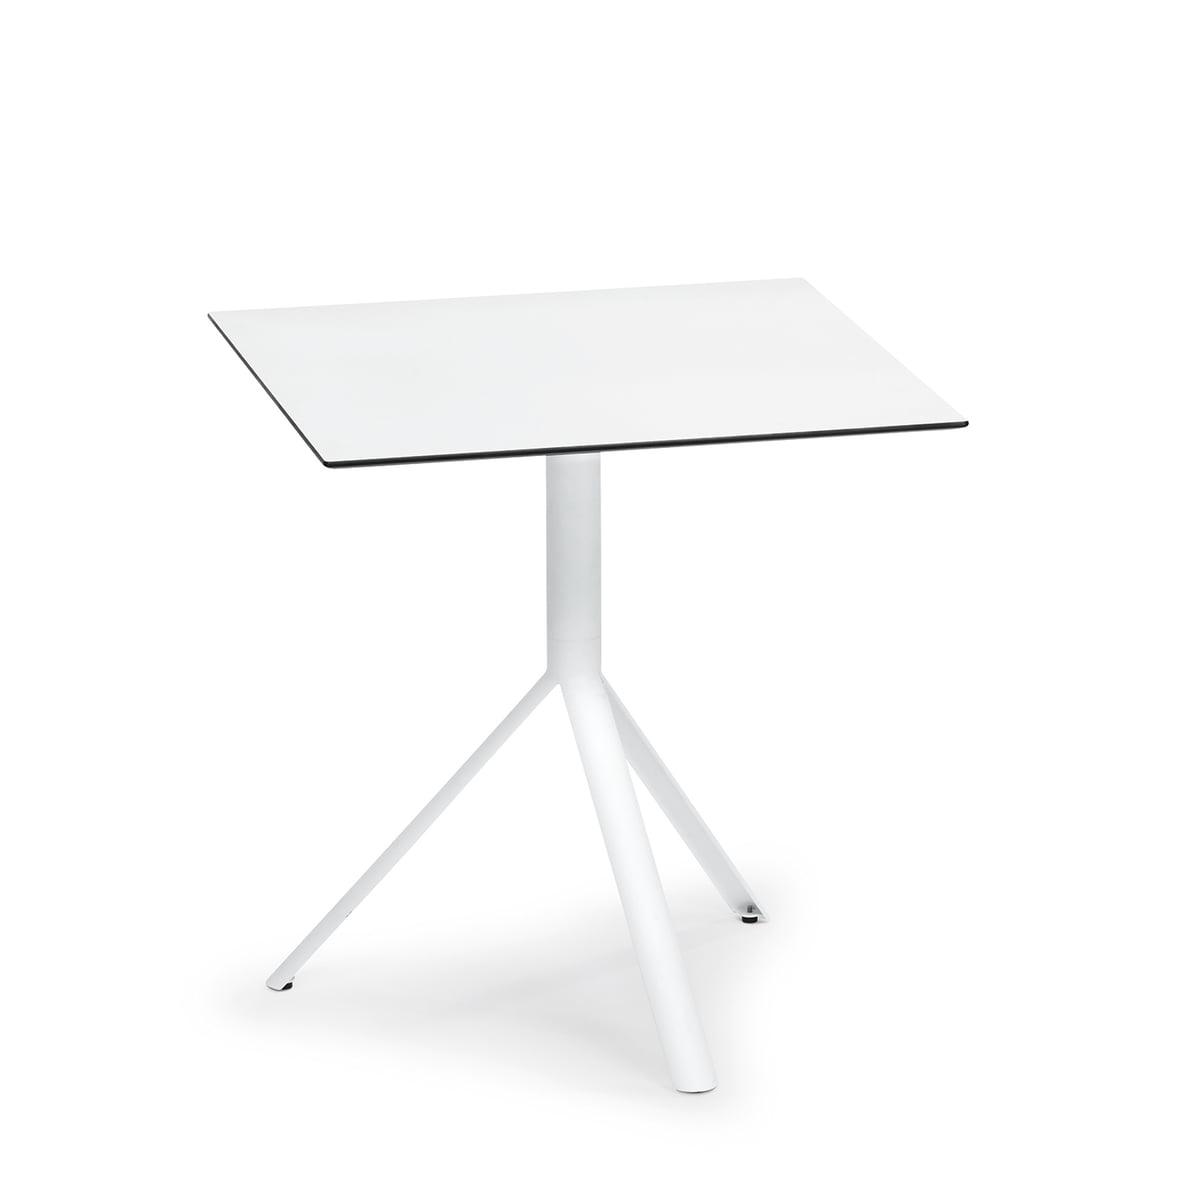 Trio klapptisch von weish upl online kaufen for Table exterieur largeur 60